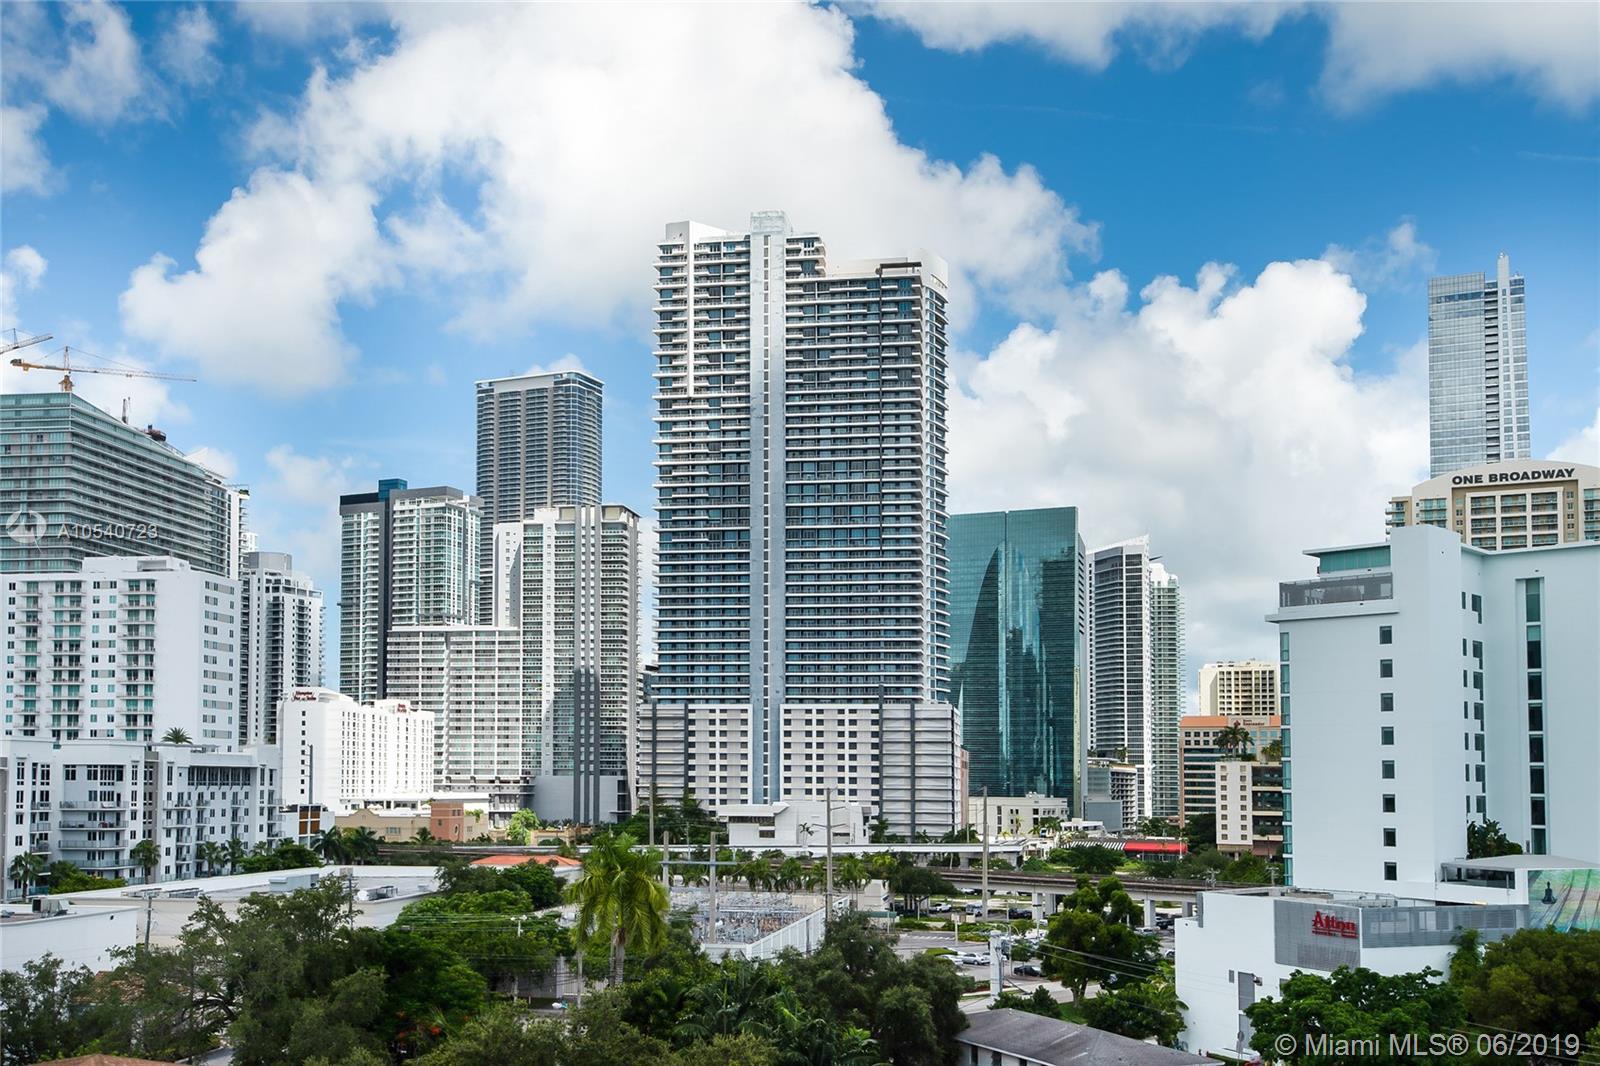 201 SW 17th Rd, Miami, FL 33129, Cassa Brickell #812, Brickell, Miami A10540723 image #12